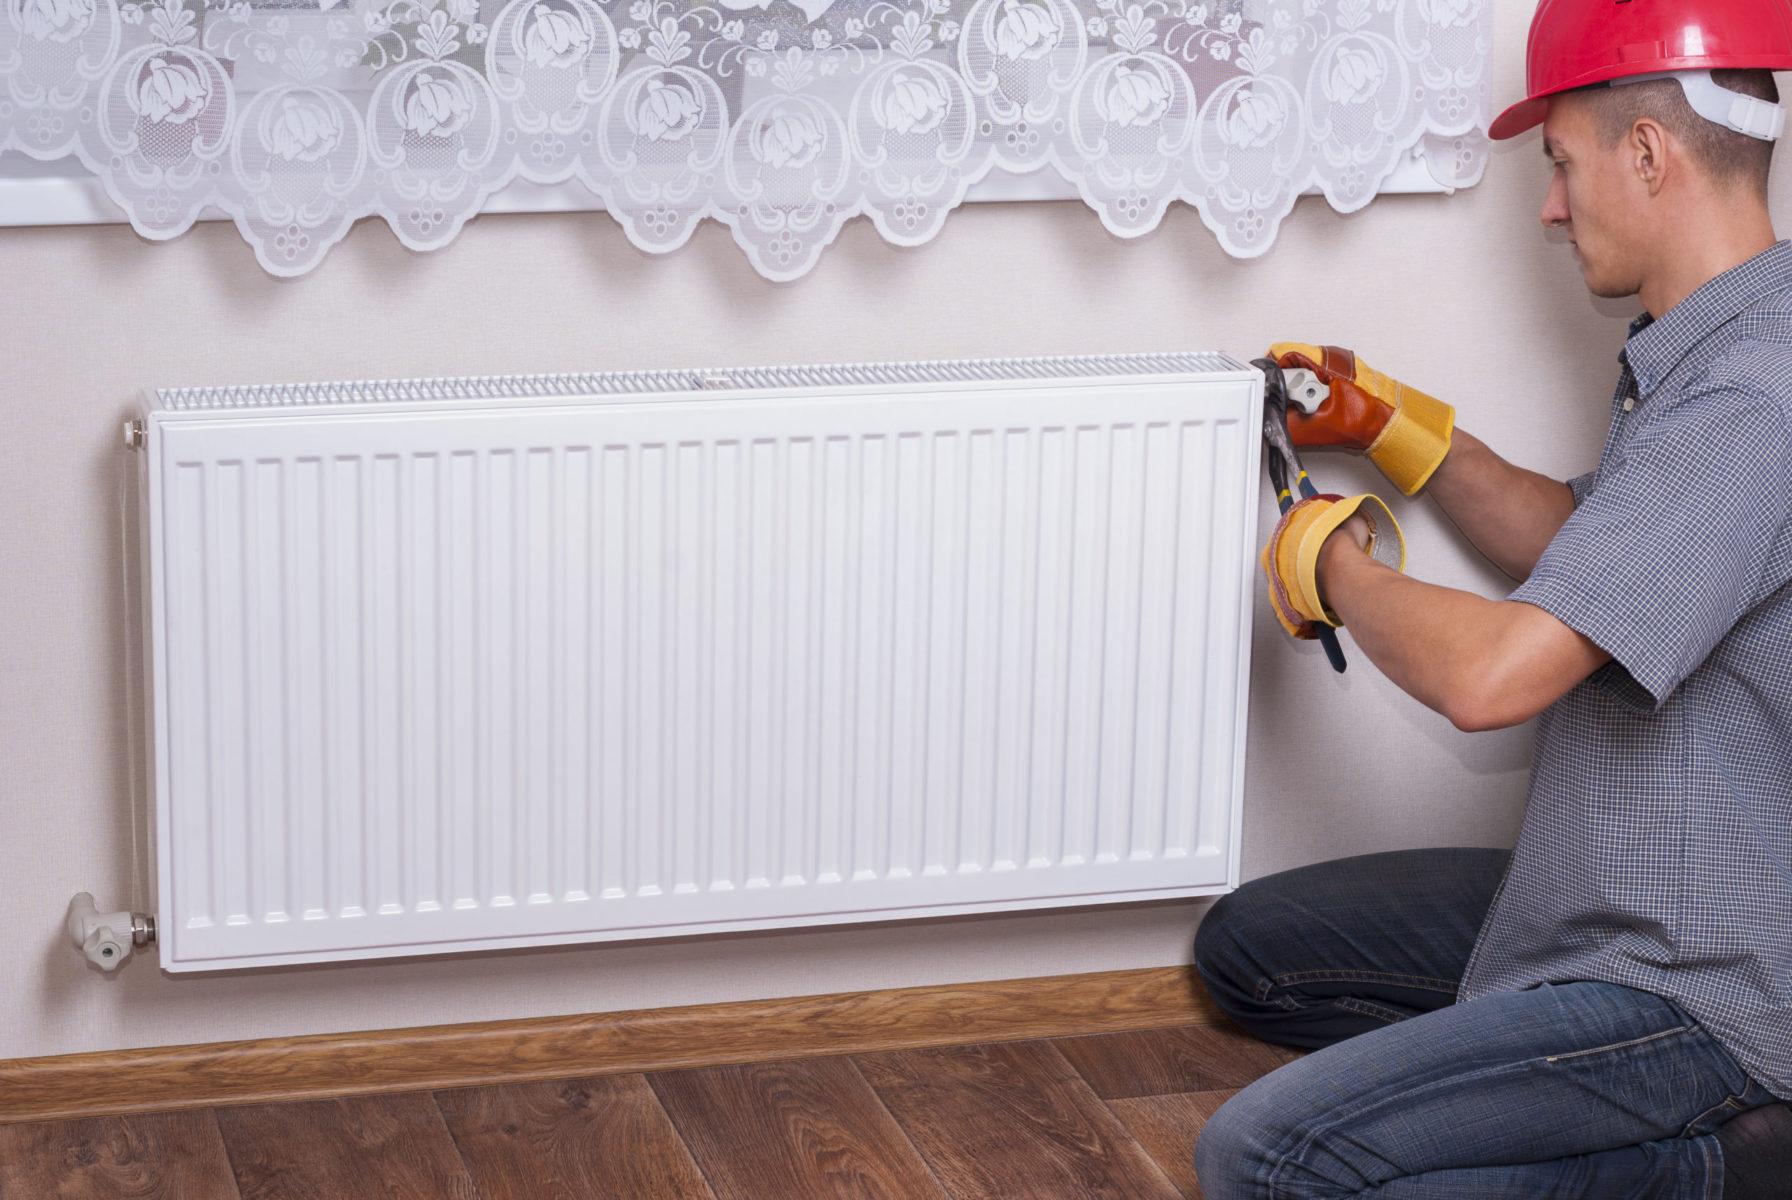 Почему слышен шум в батареях отопления в квартире: распространенные причины и способы их устранения